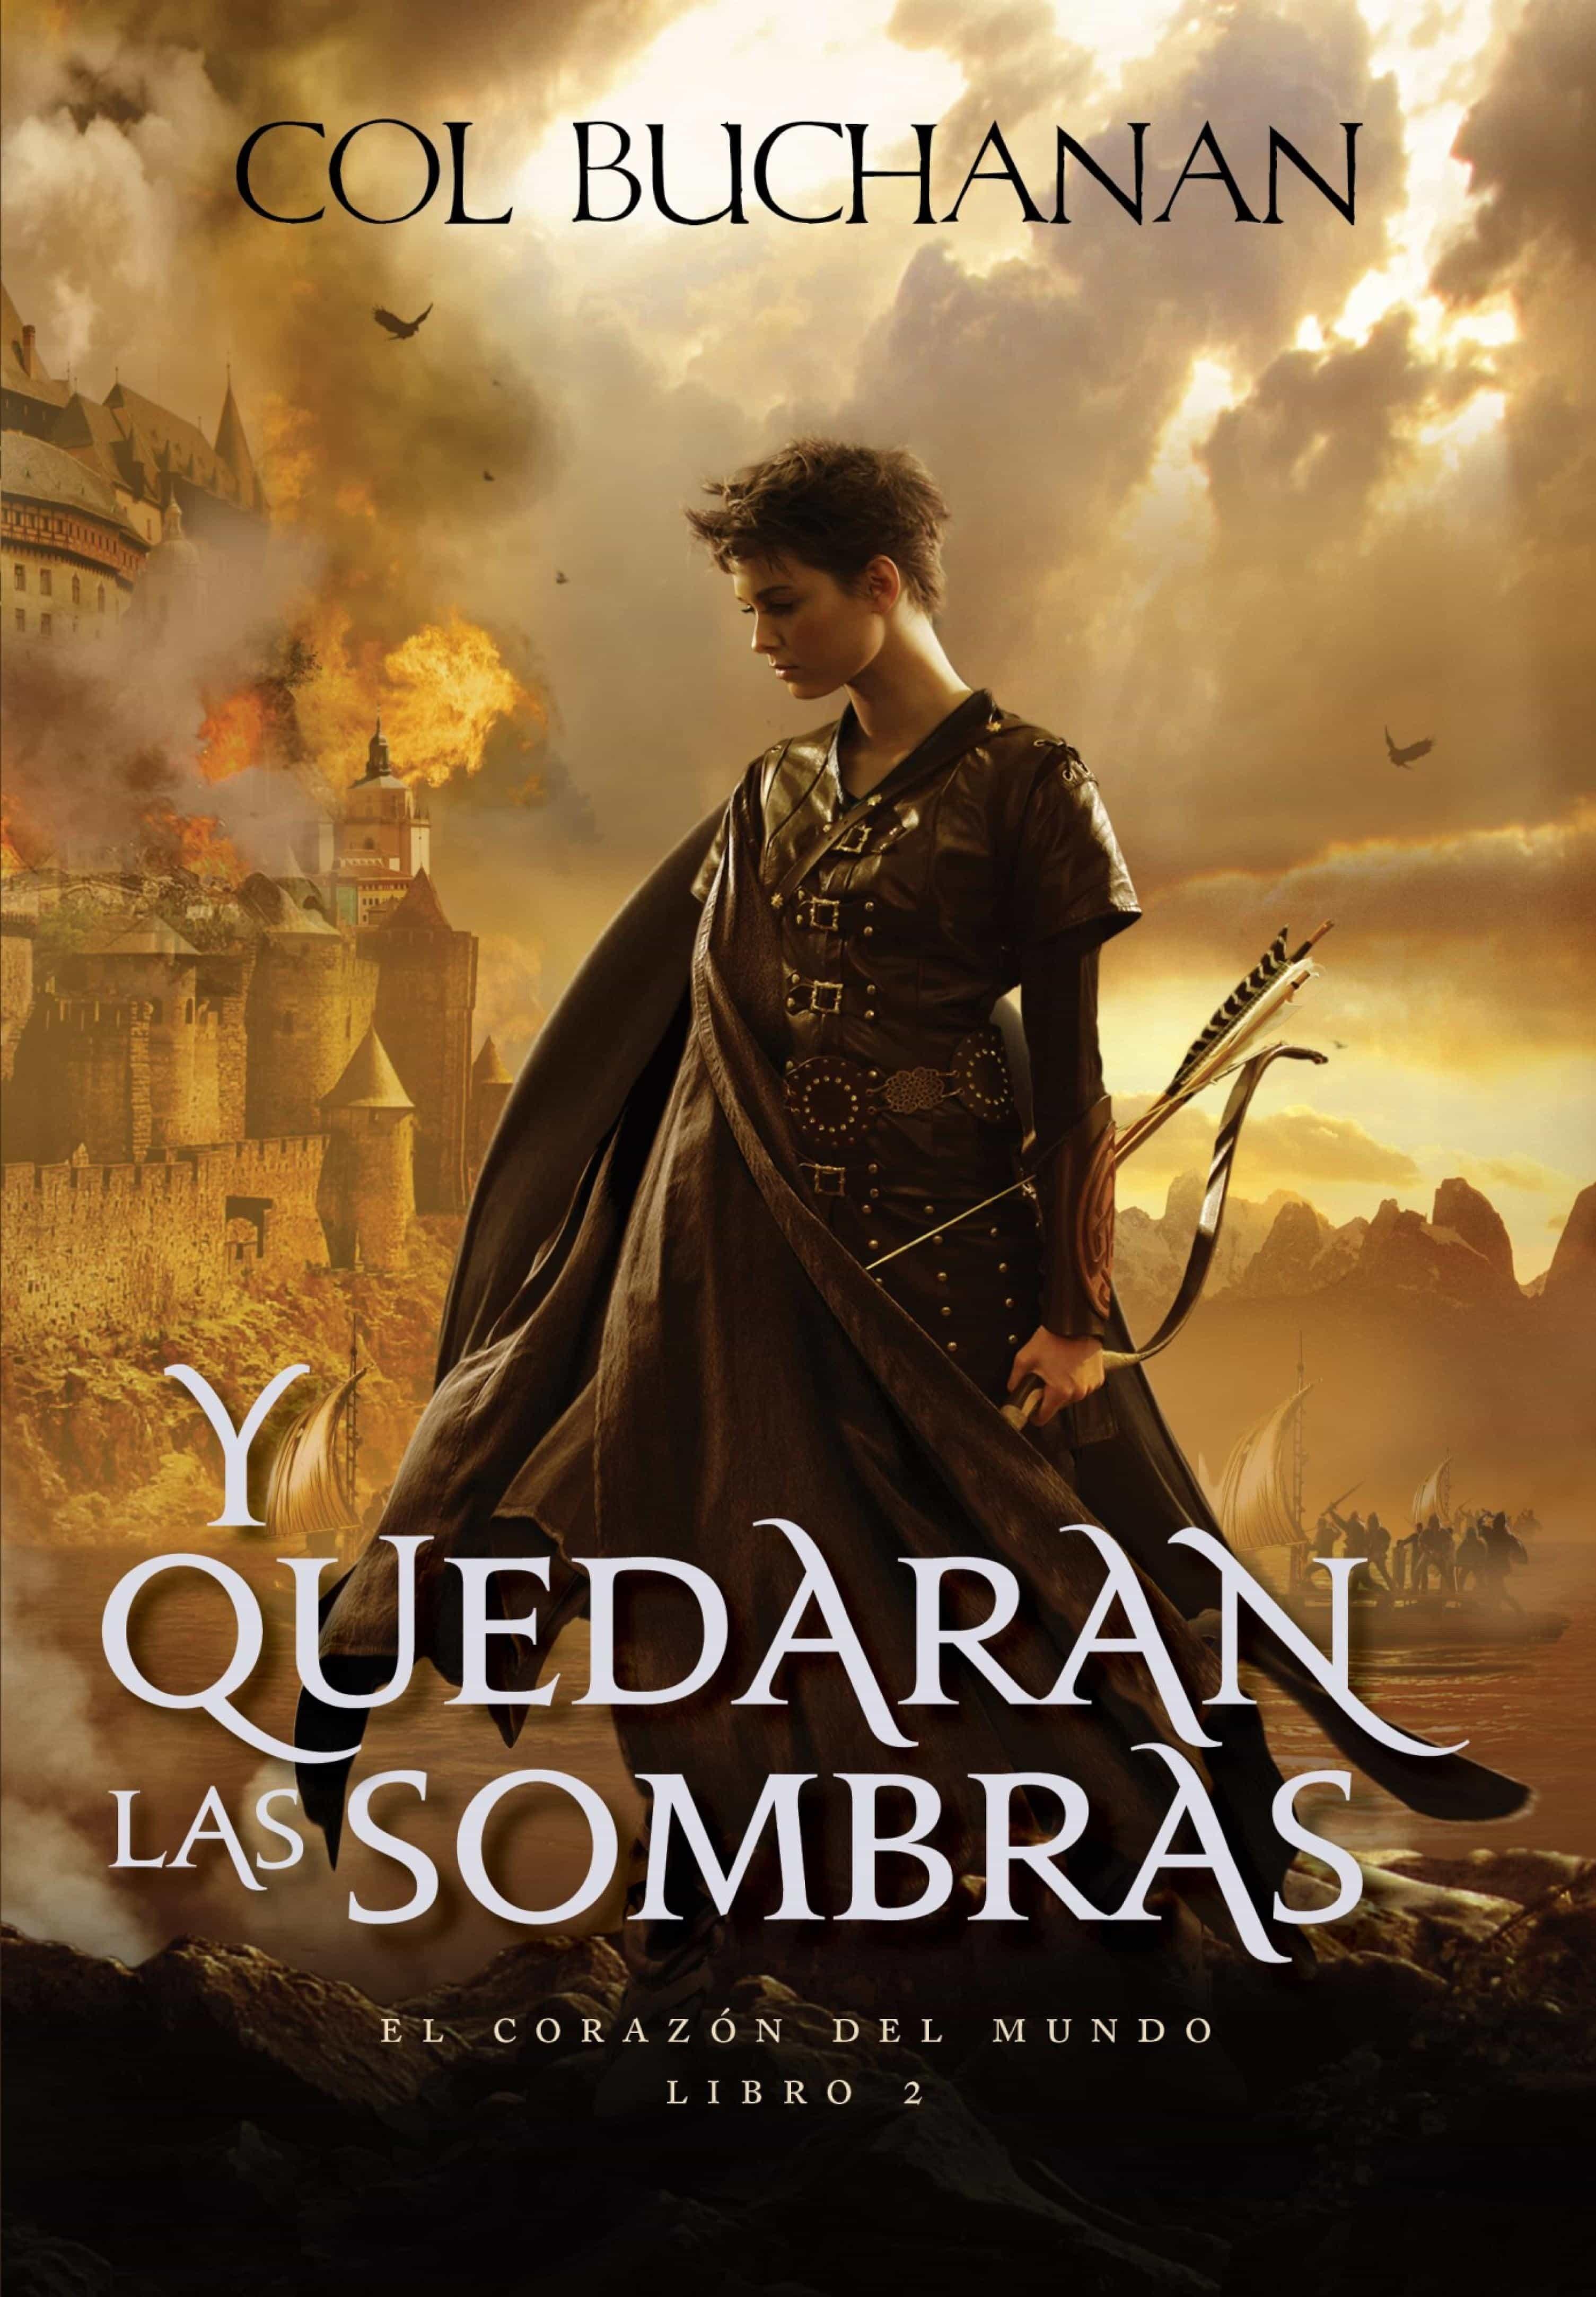 Y QUEDARÁN LAS SOMBRAS (EBOOK)